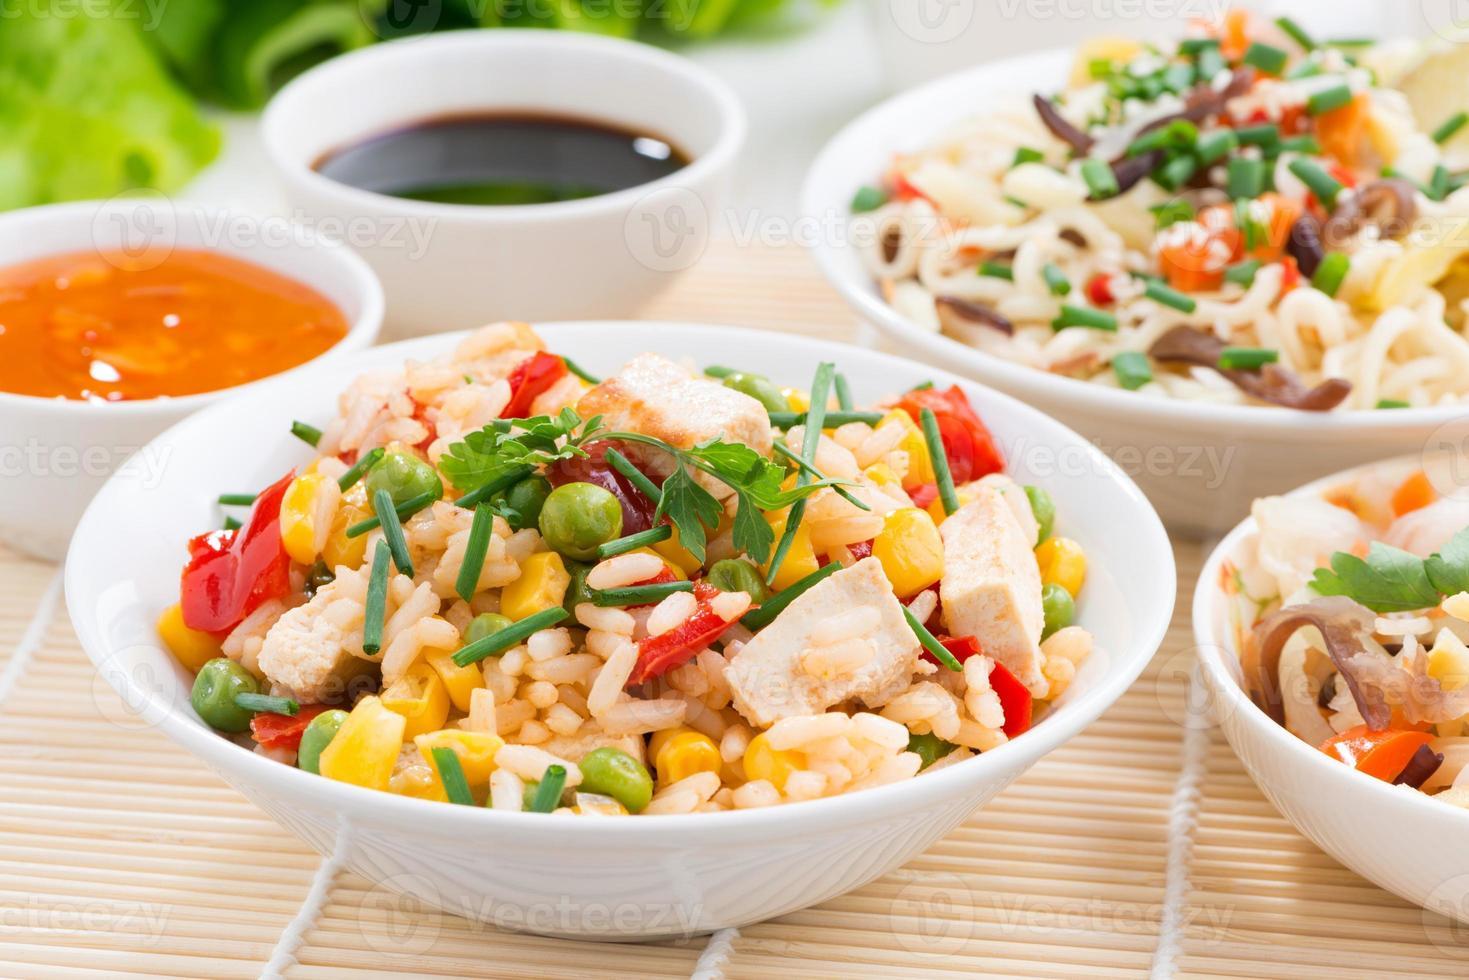 asiatisk mat - stekt ris med tofu, nudlar, grönsaker foto